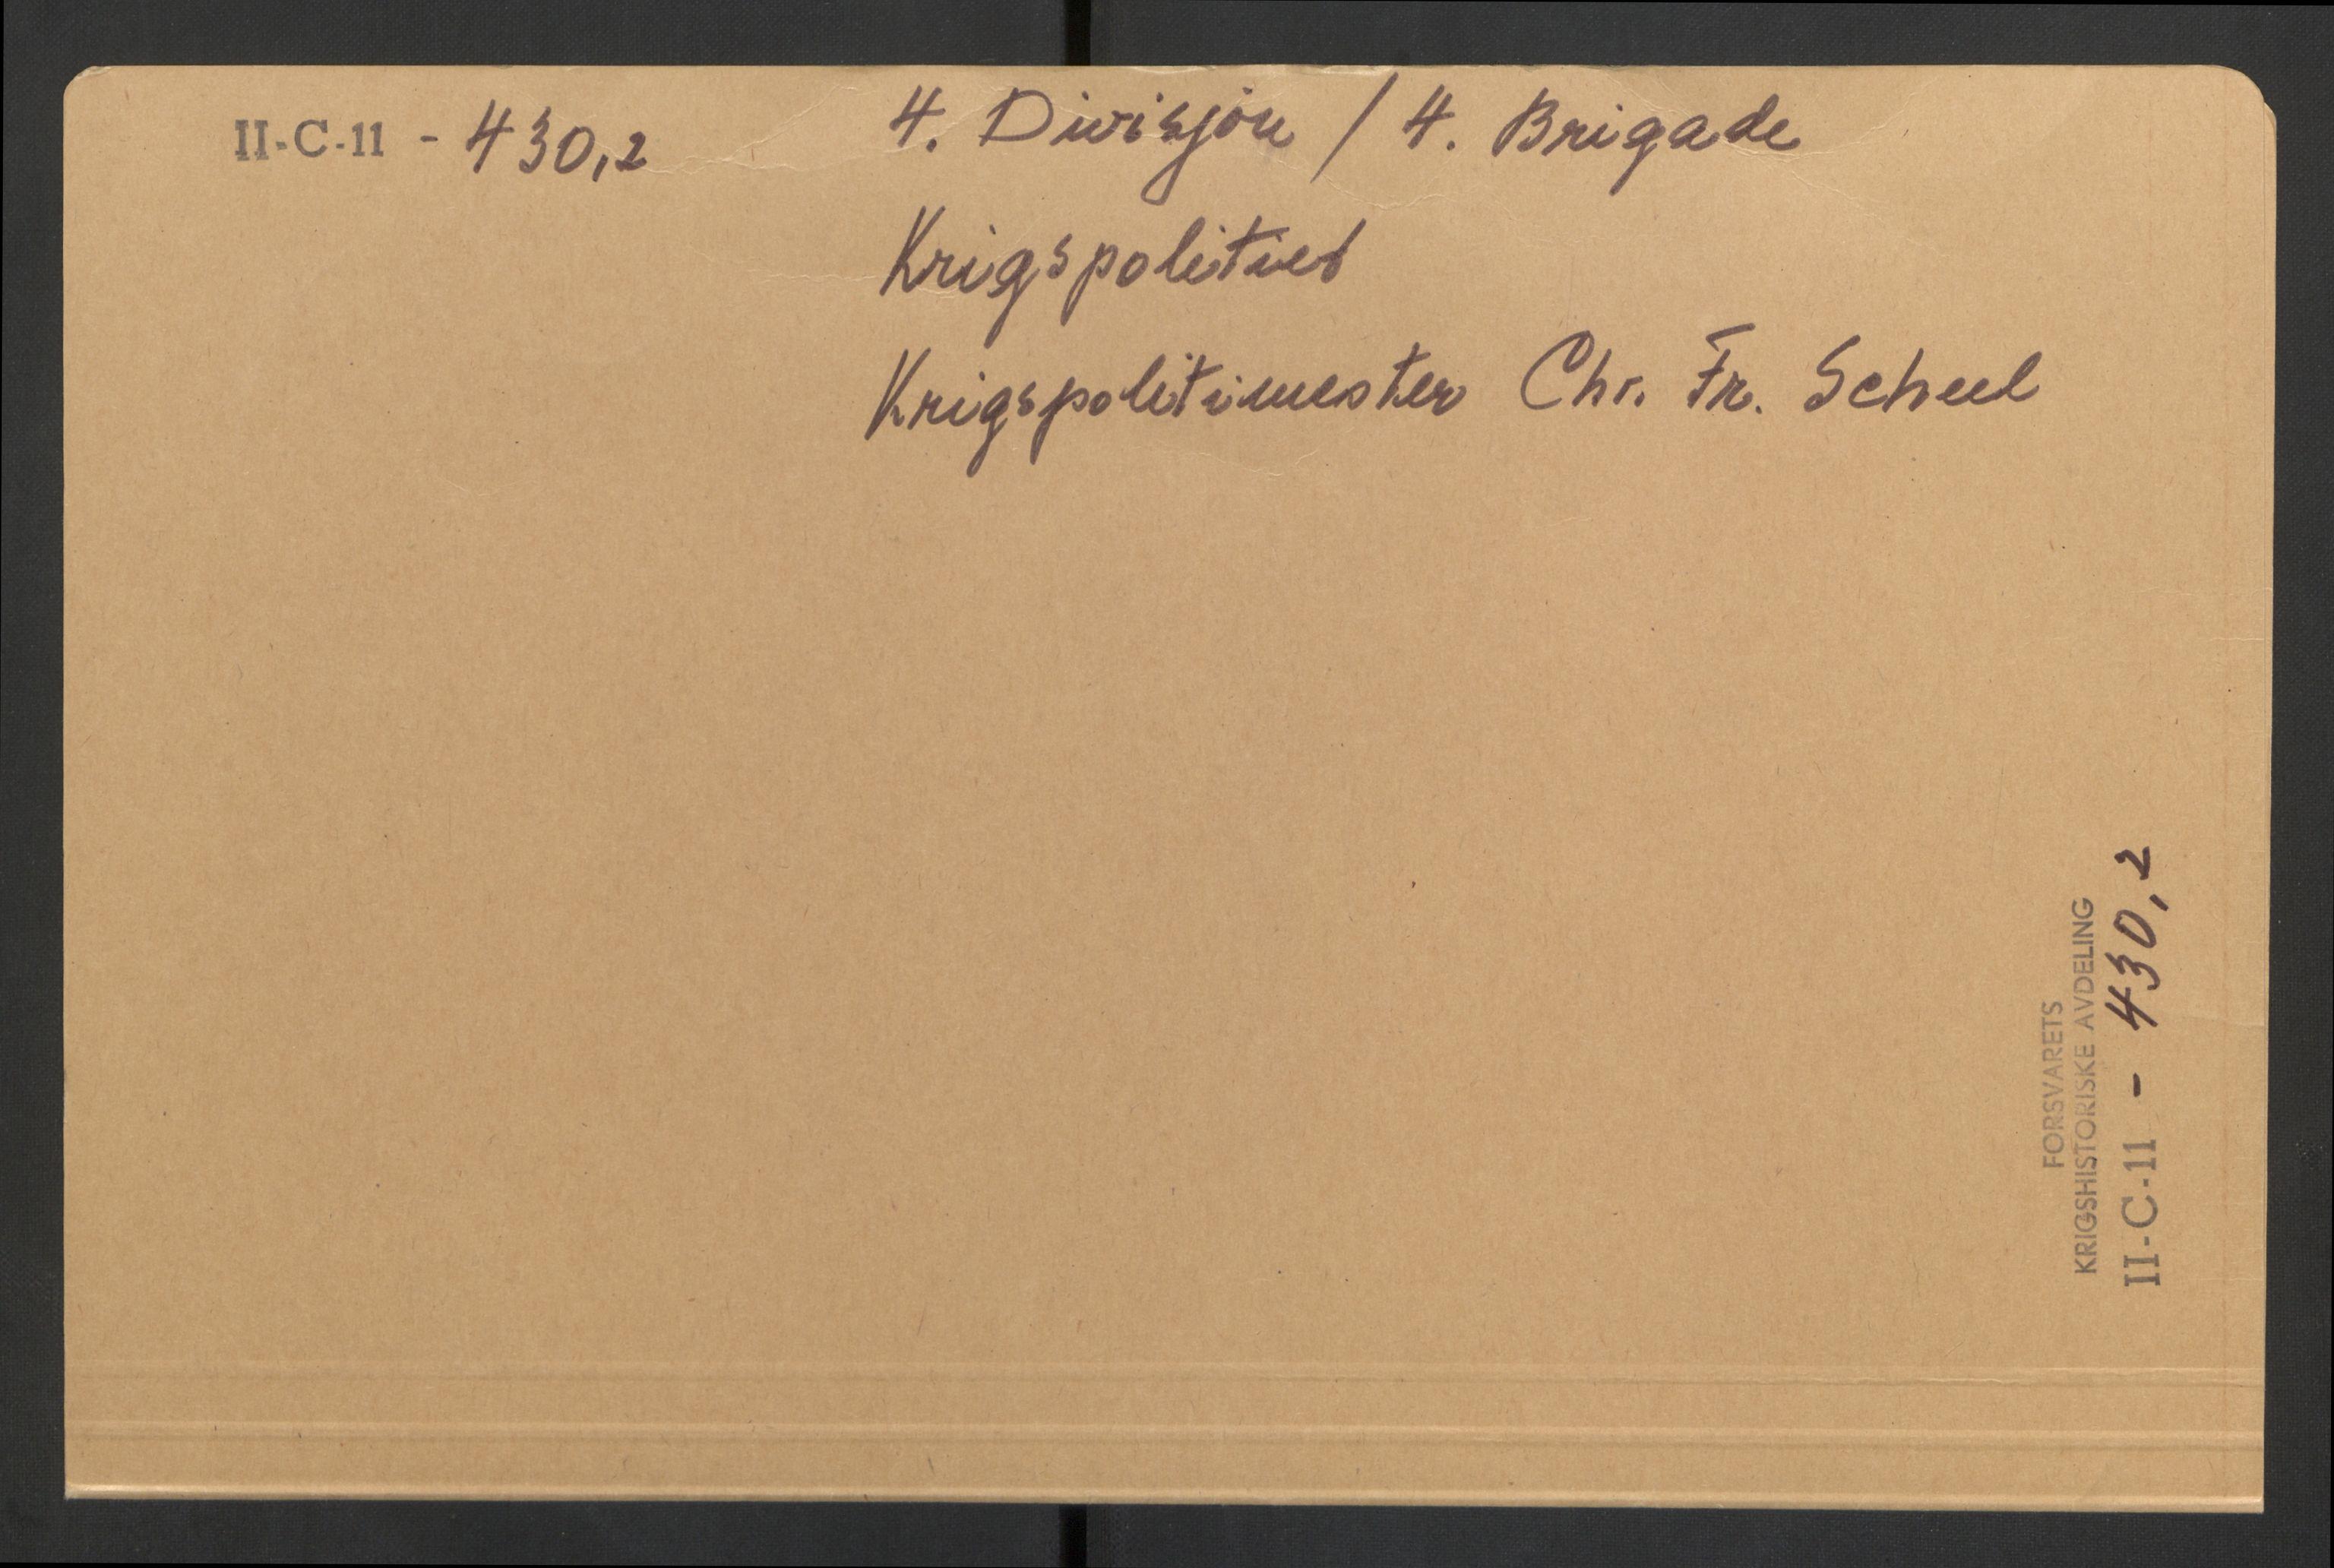 RA, Forsvaret, Forsvarets krigshistoriske avdeling, Y/Yb/L0105: II-C-11-430-432  -  4. Divisjon., 1940, s. 1